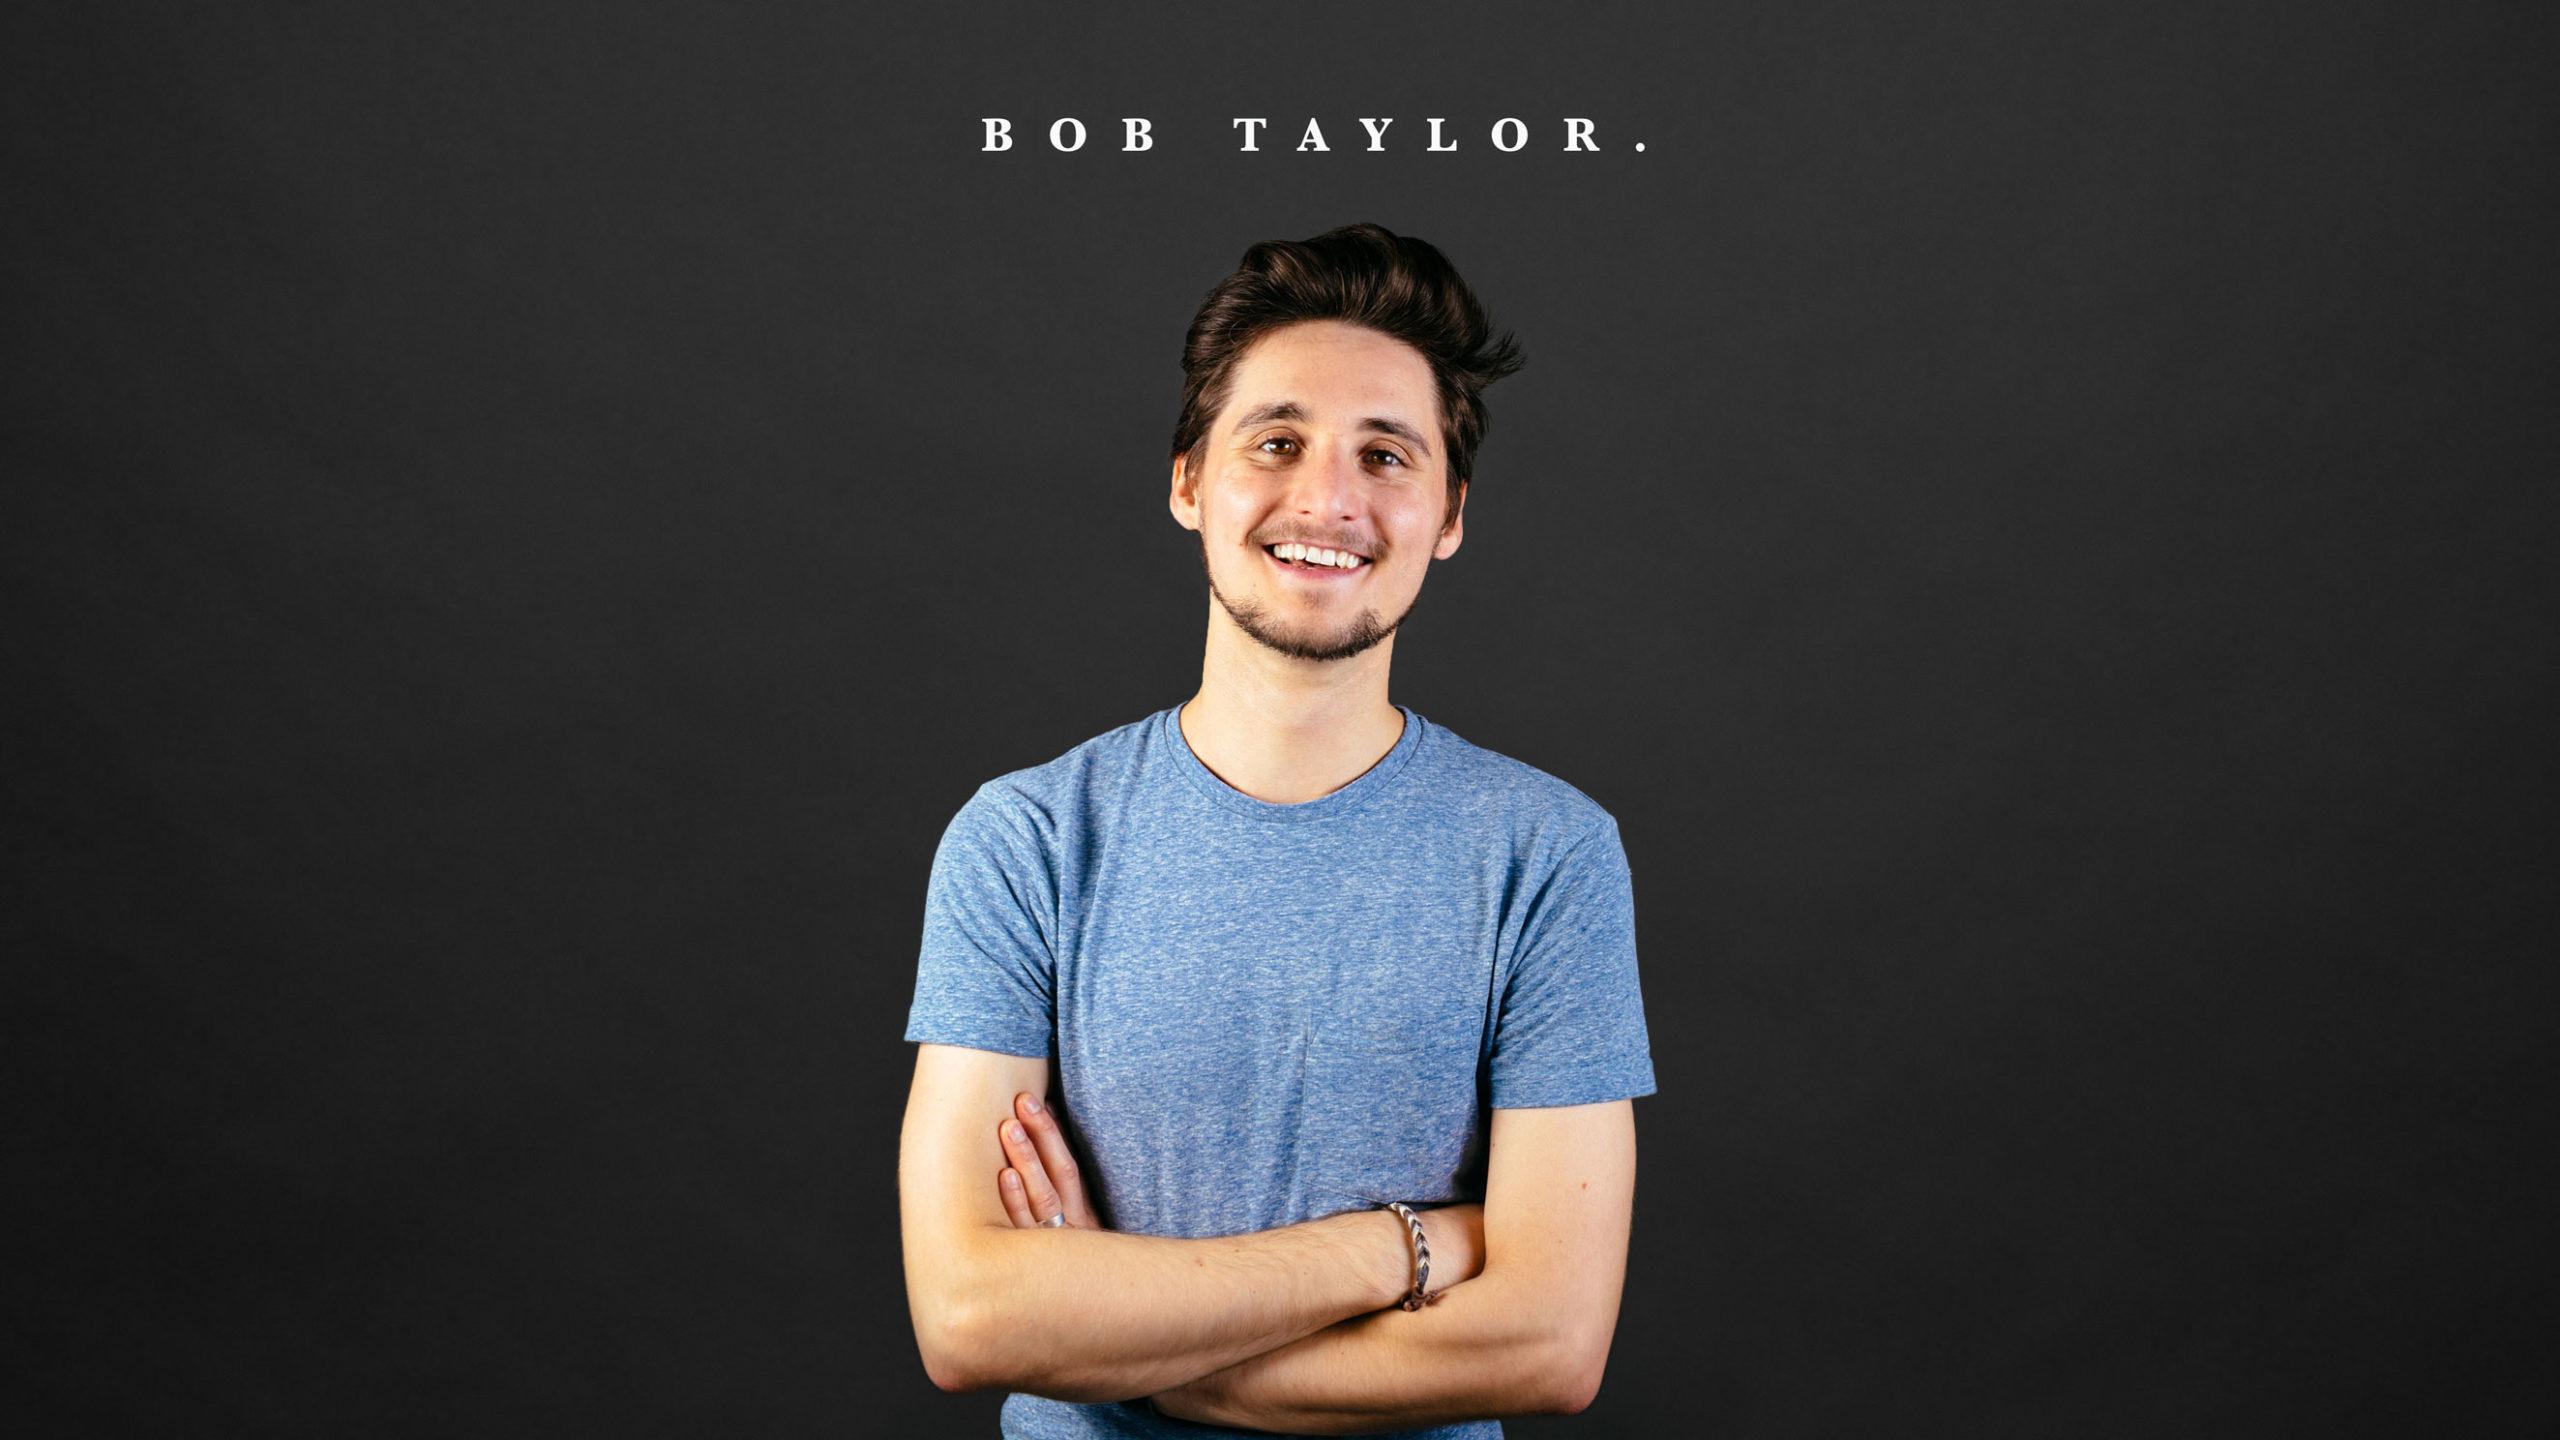 About Bob Taylor - Conversion Copywriter